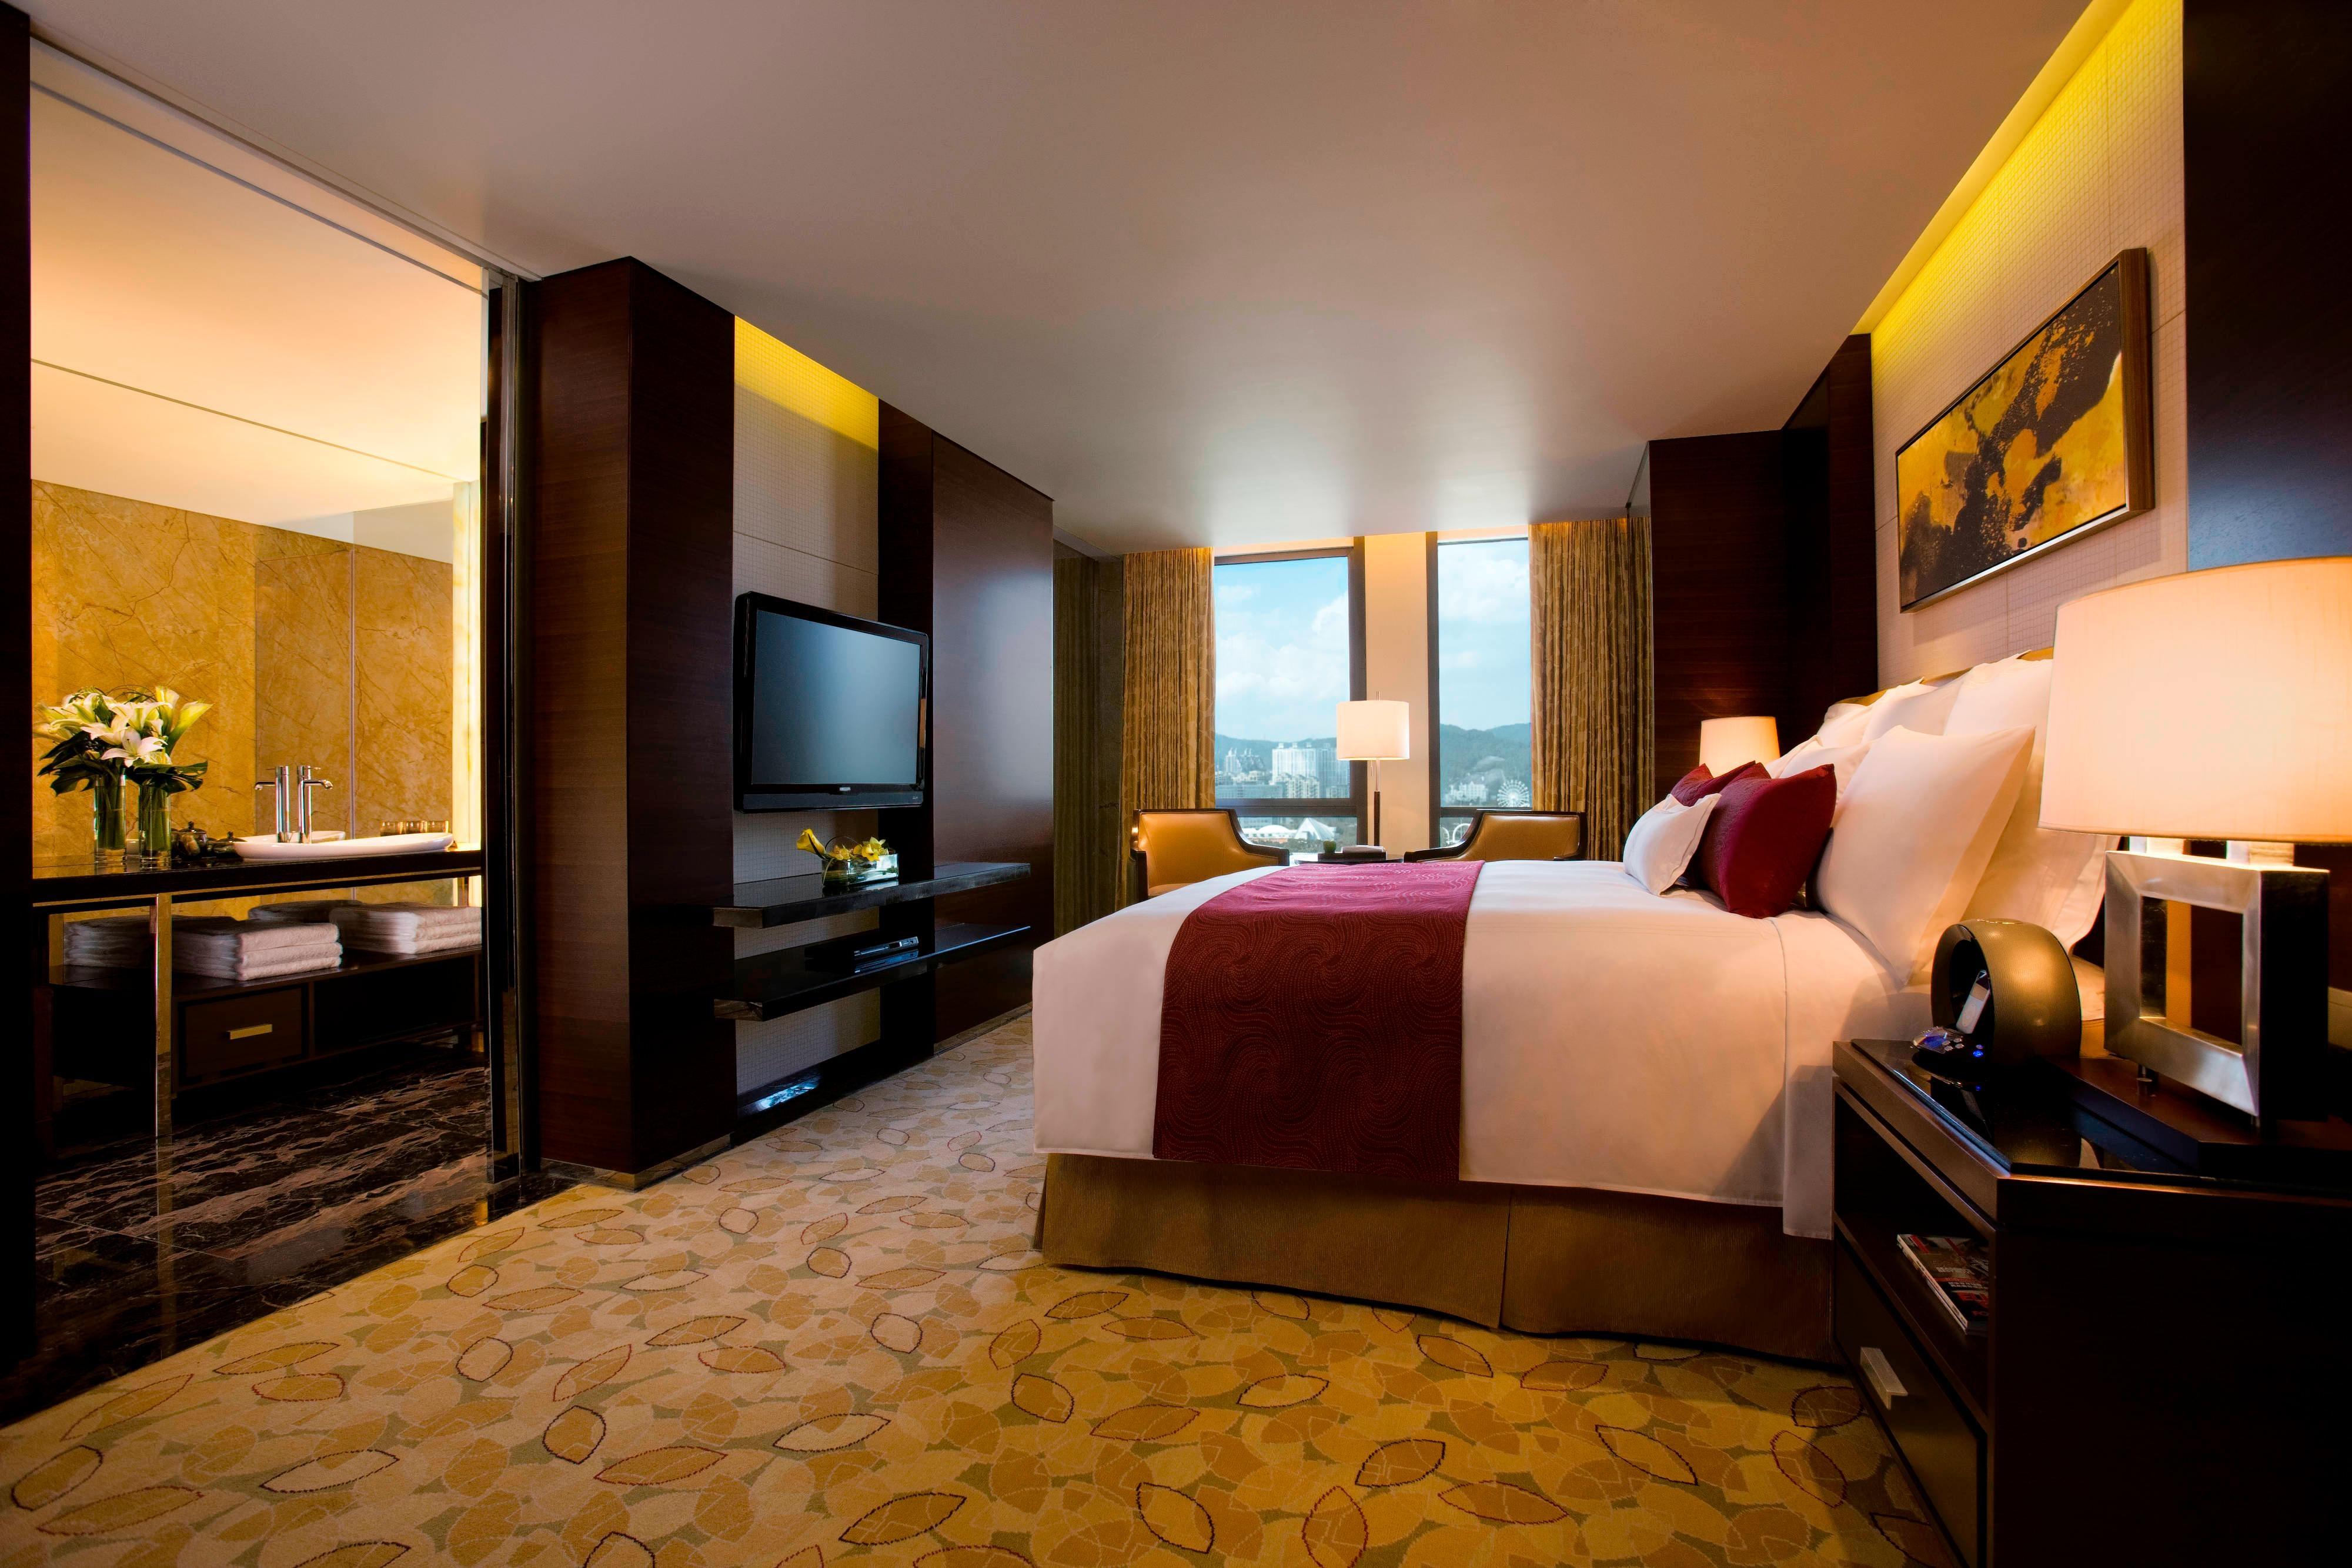 Guangdong Luxury Hotel Hong Kong - China